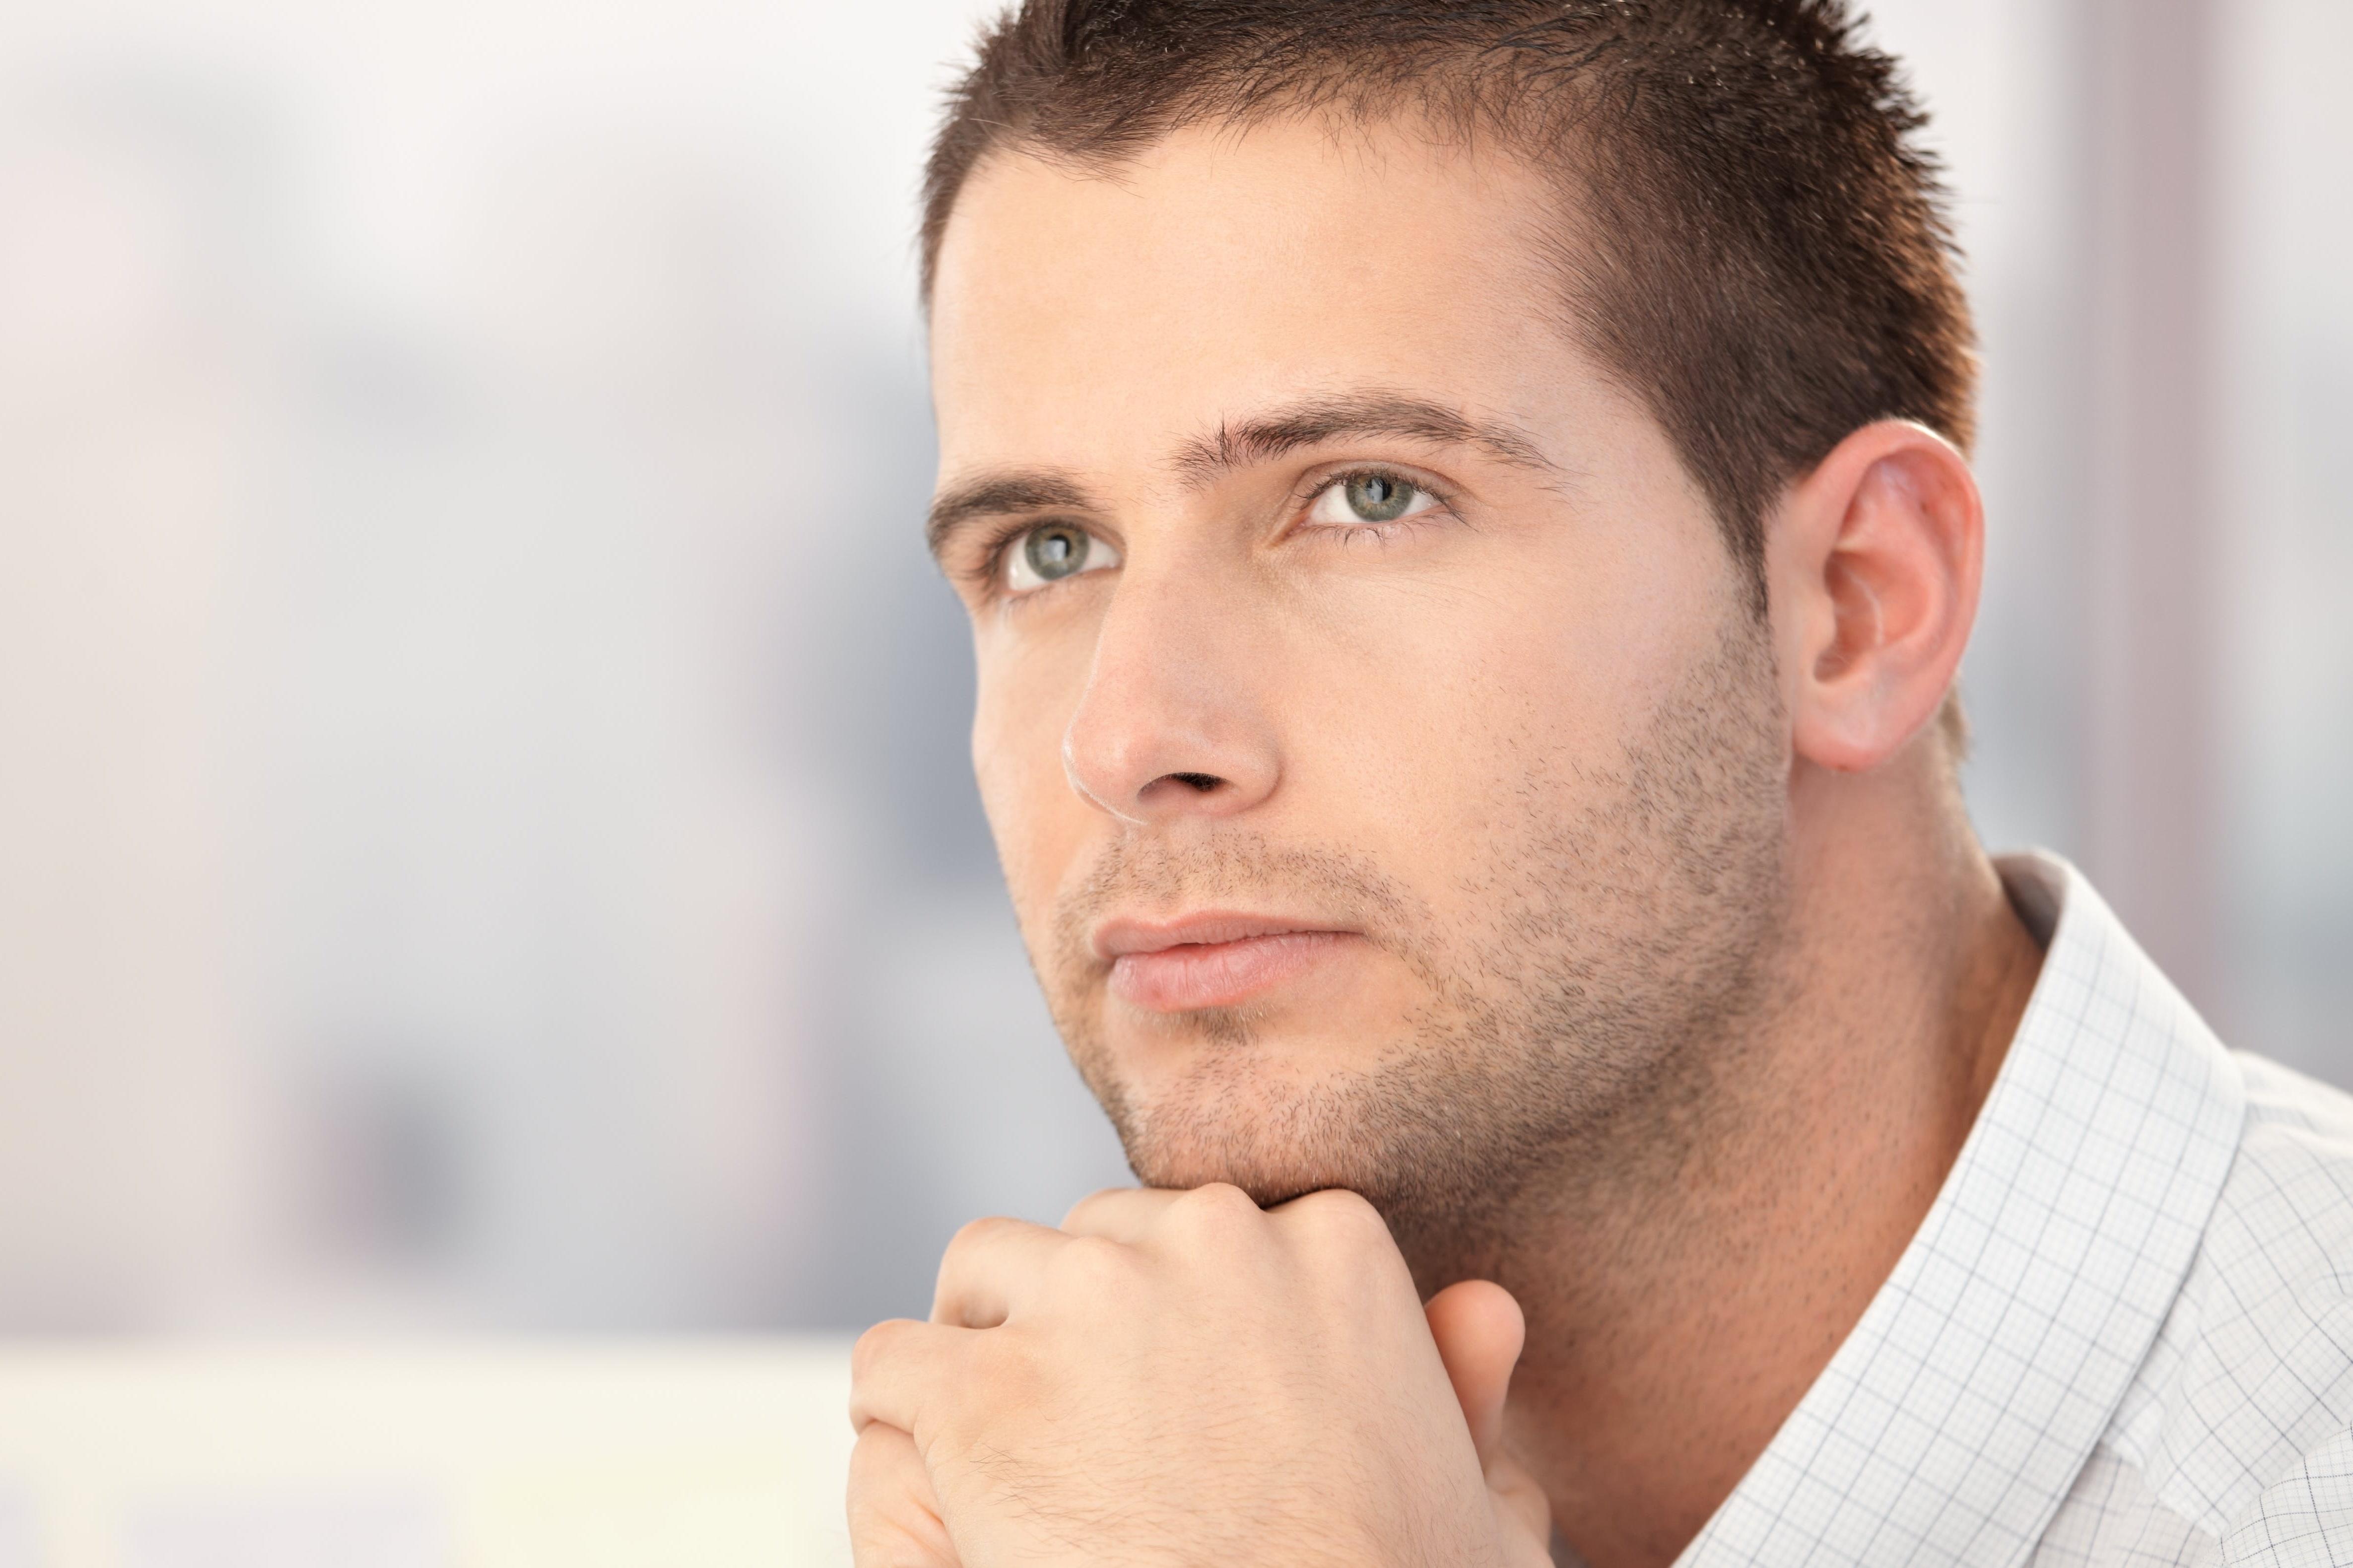 Гадание онлайн на мысли мужчины обо мне